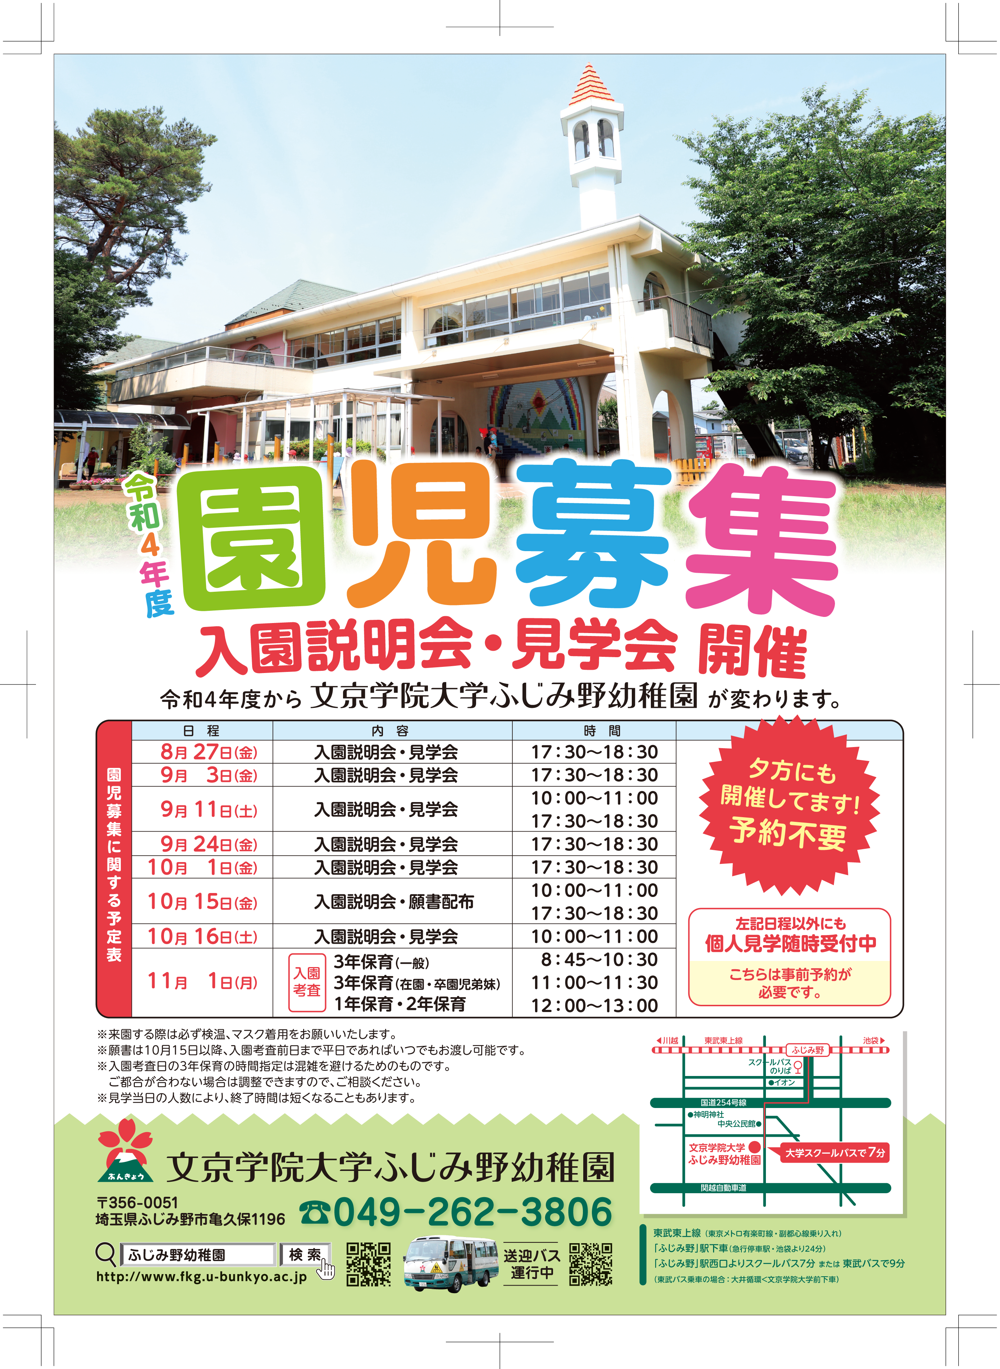 ふじみ野幼稚園